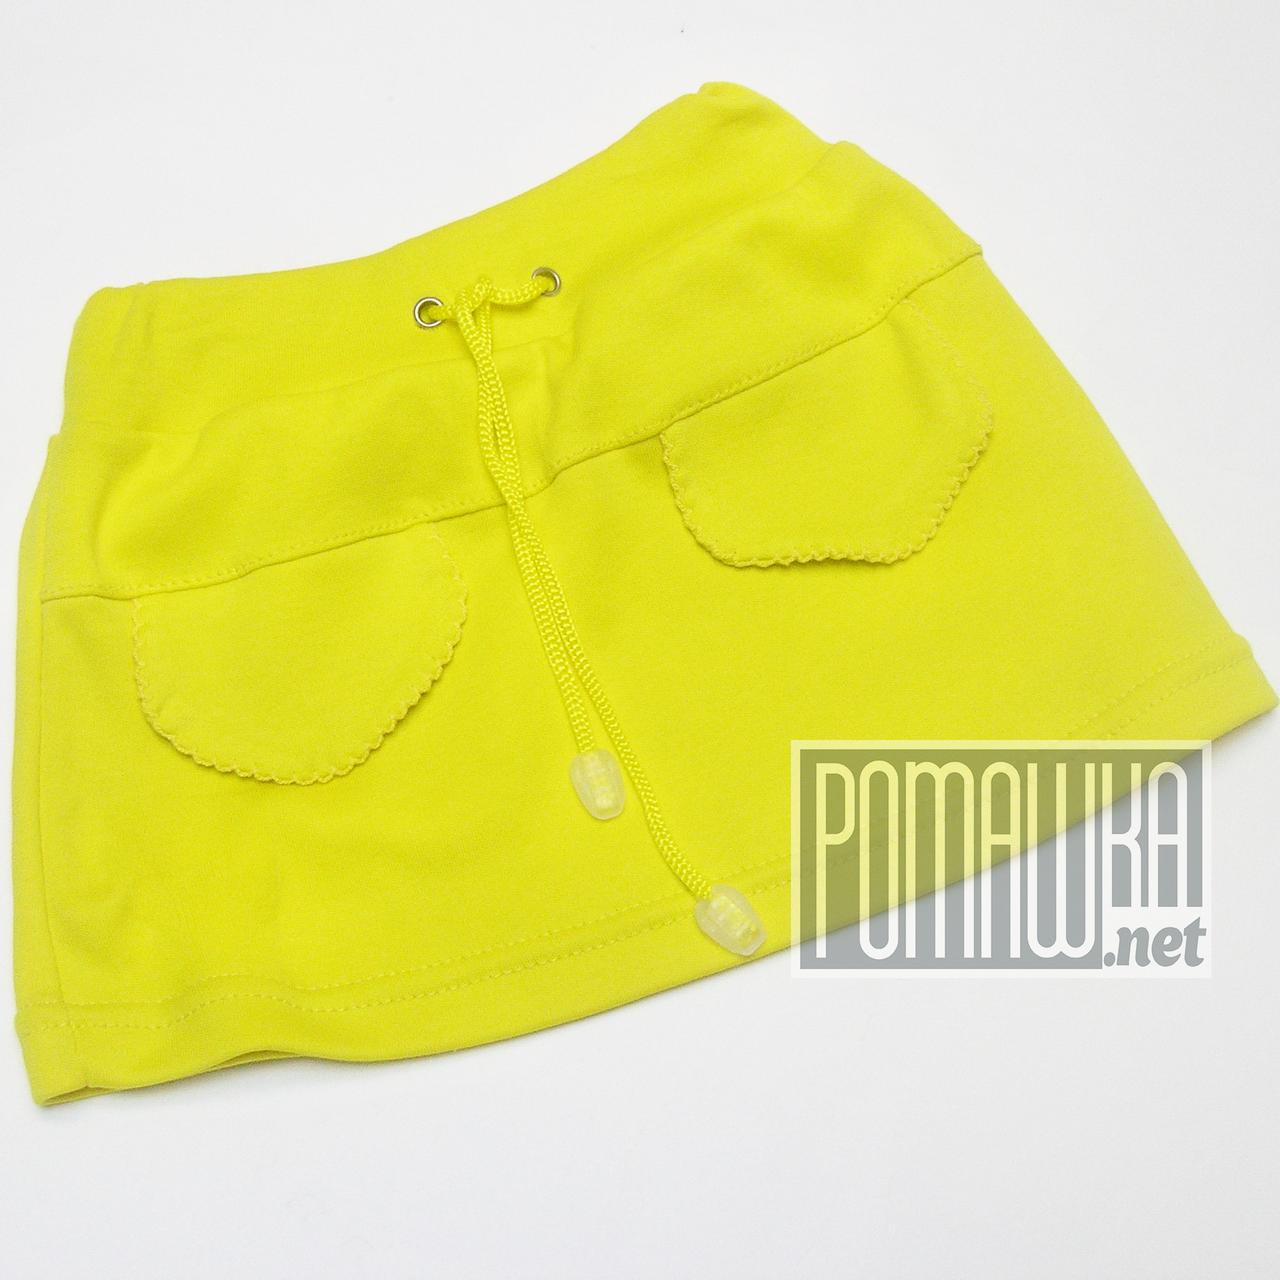 Детская спортивная юбка р. 86 для девочки ткань ИНТЕРЛОК 100% хлопок 4229 Желтый